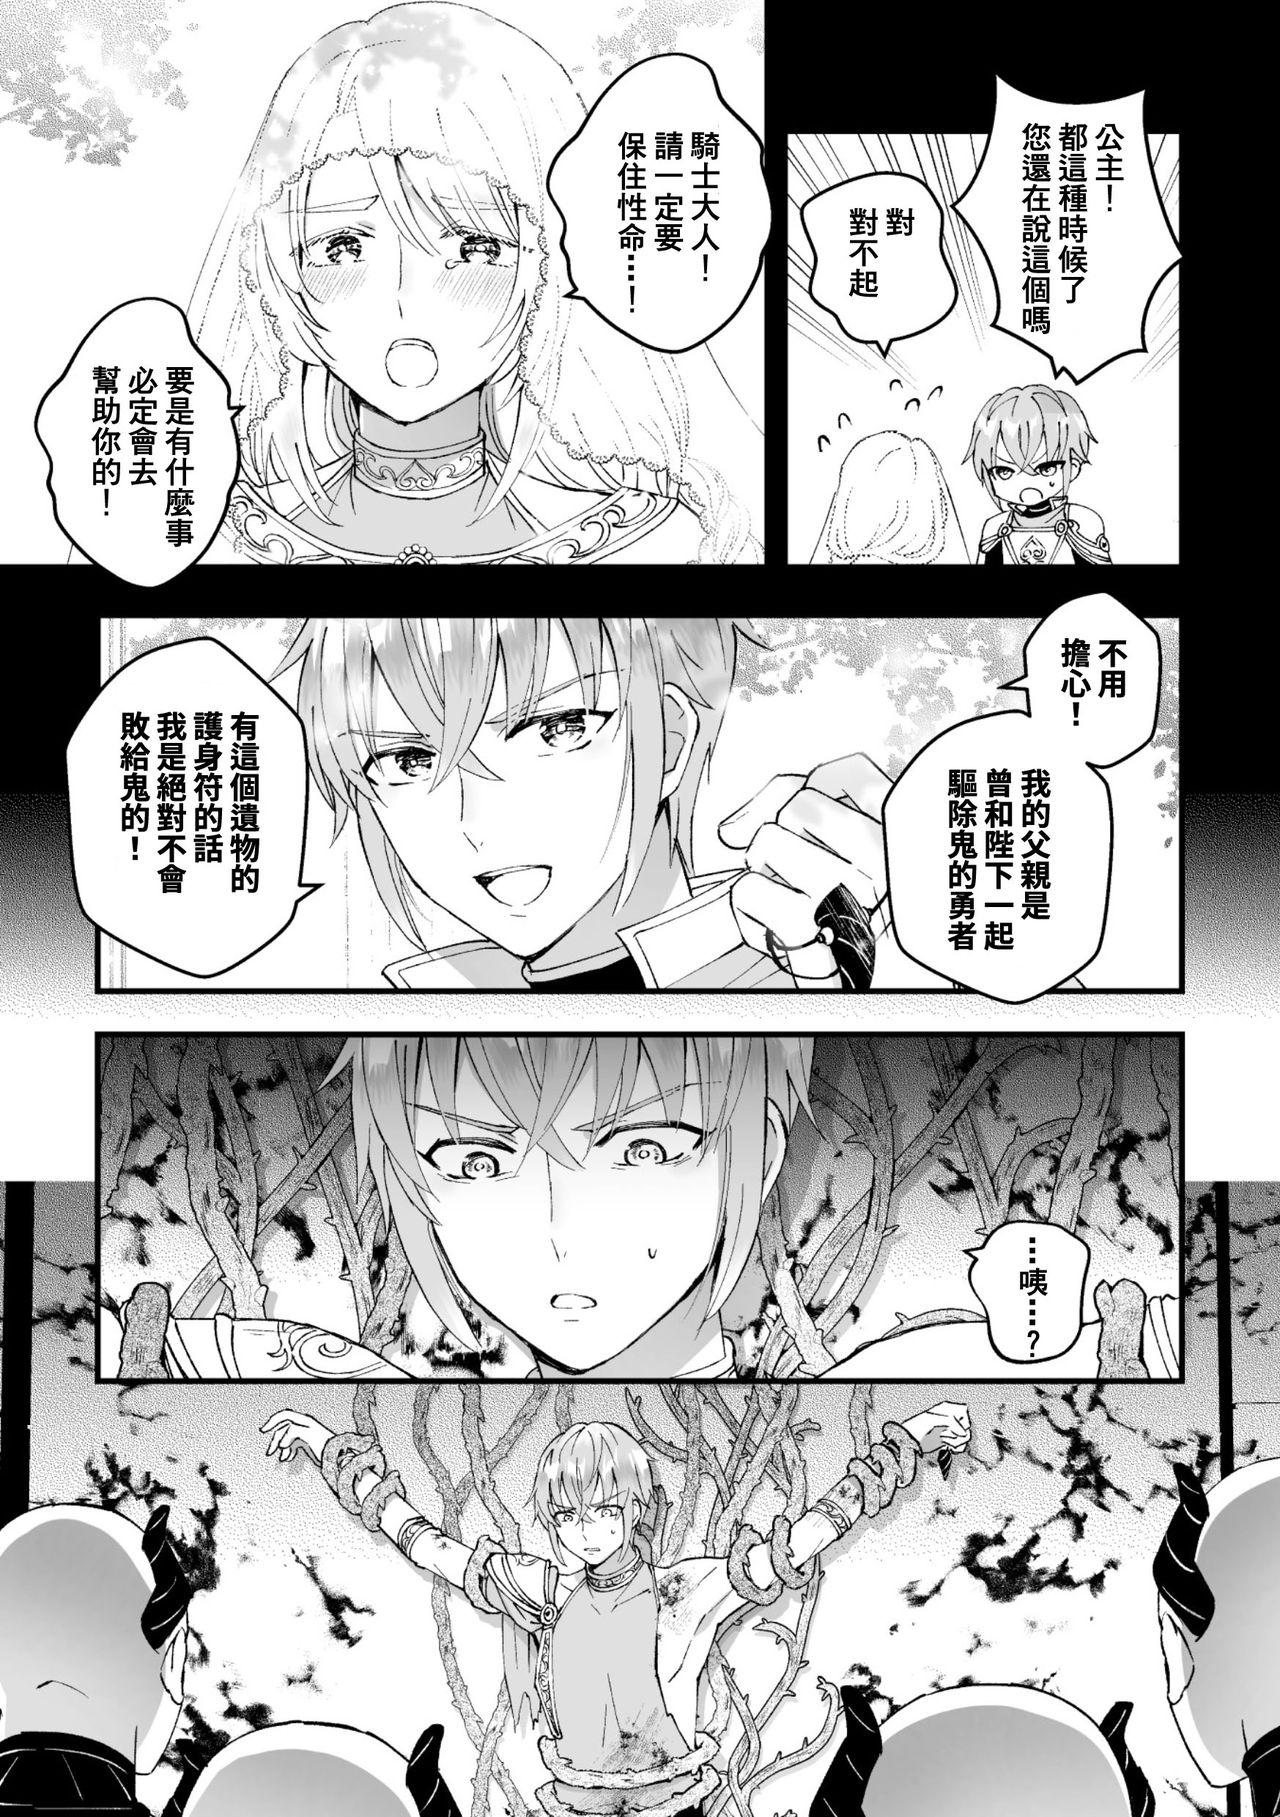 BL本 美少年 [故珍子] 男騎士が「くっ、殺せ!」って言うからメス調教してみた